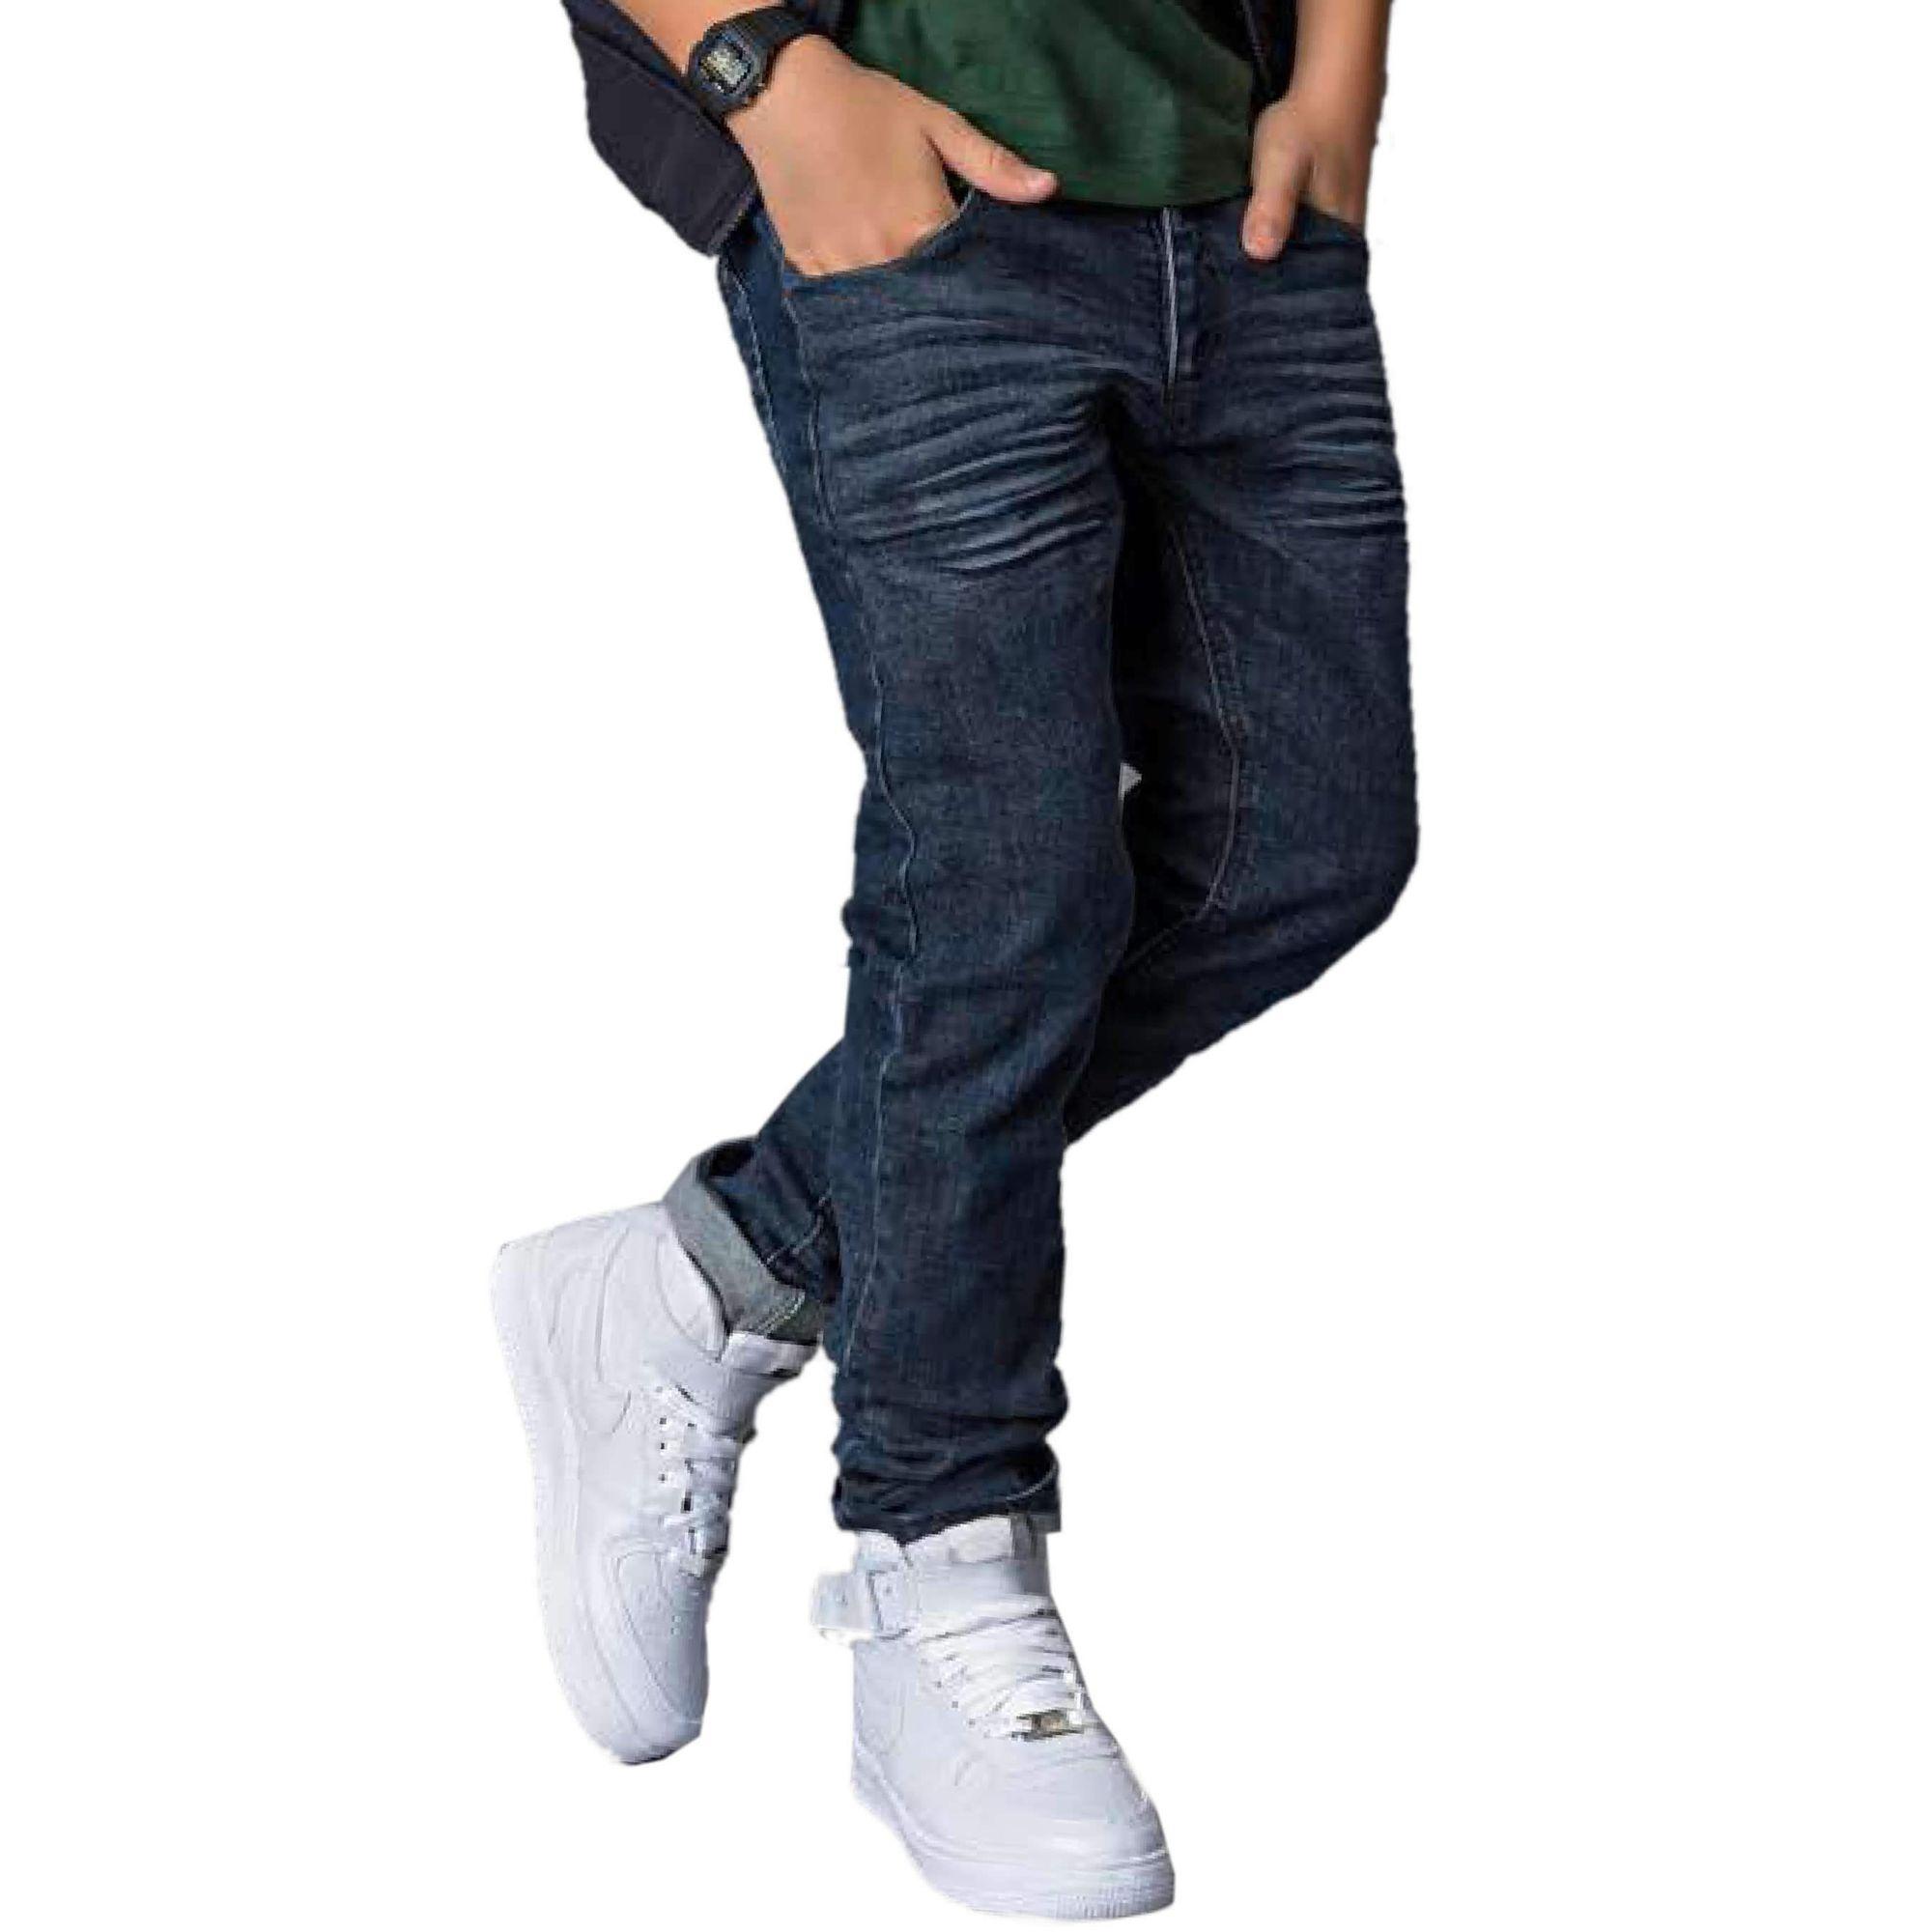 calca-jeans-menino-azul-escuro-skinny-com-elastano